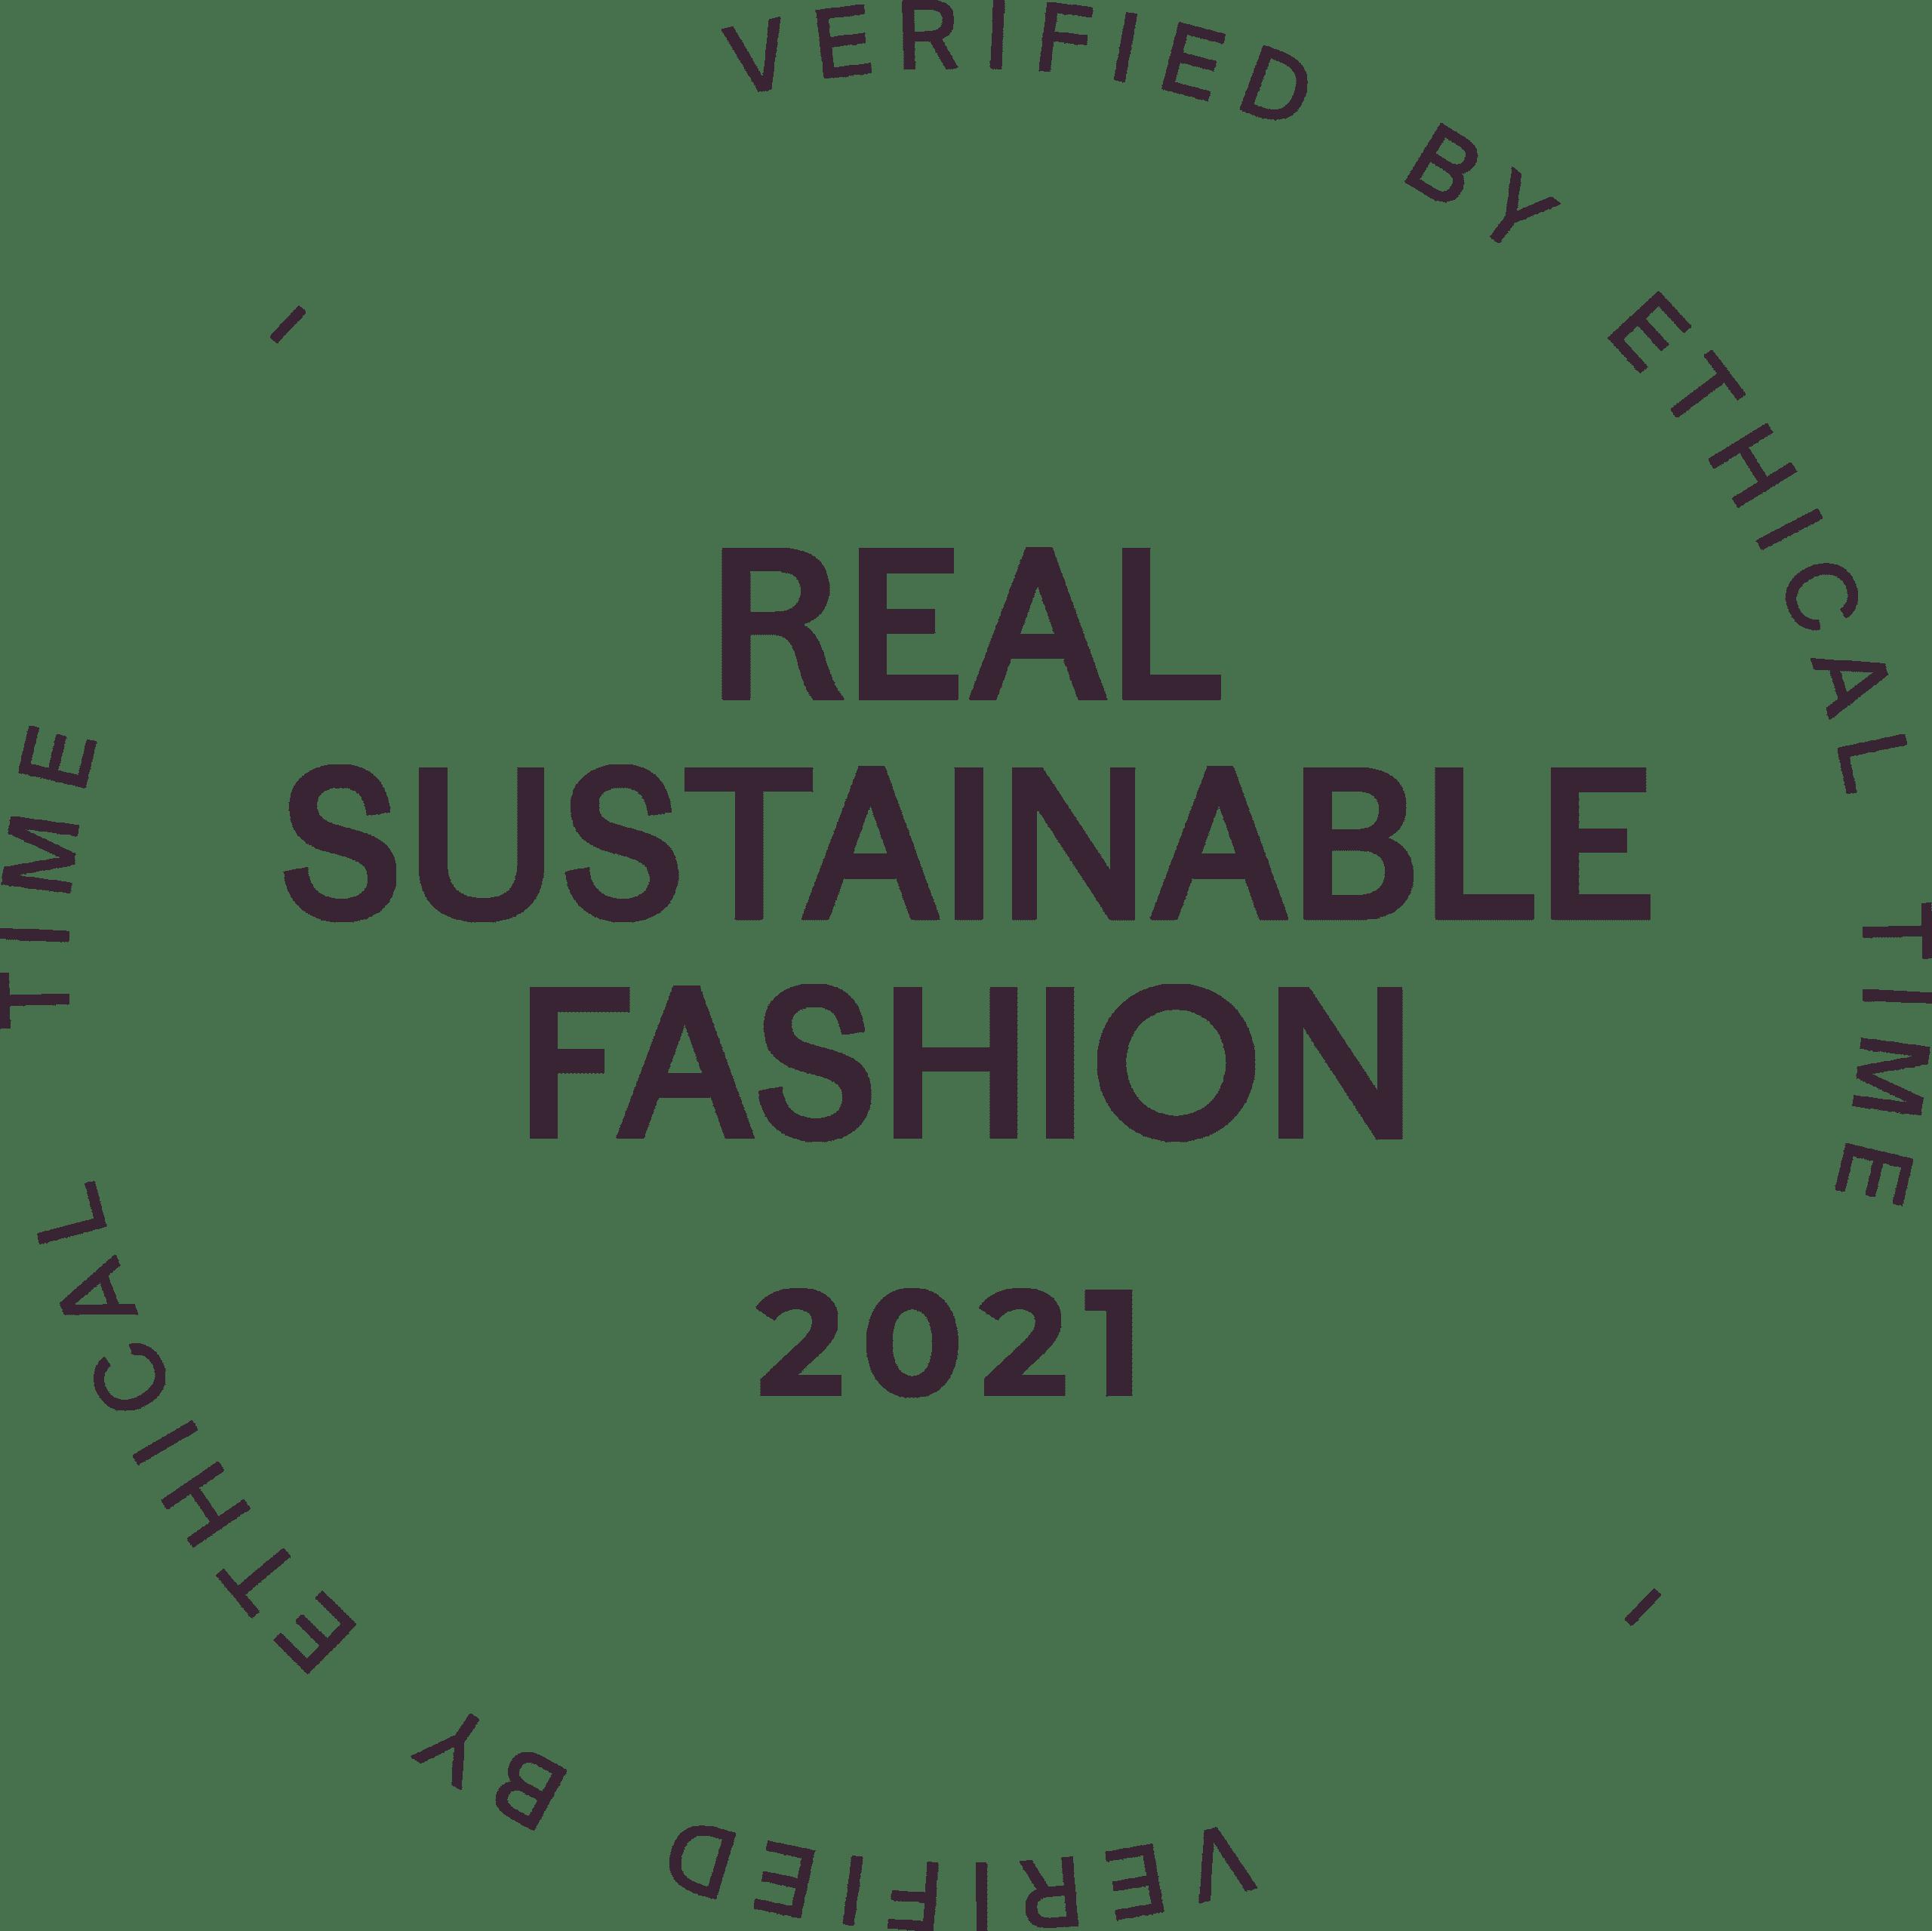 Zapatilla sostenible